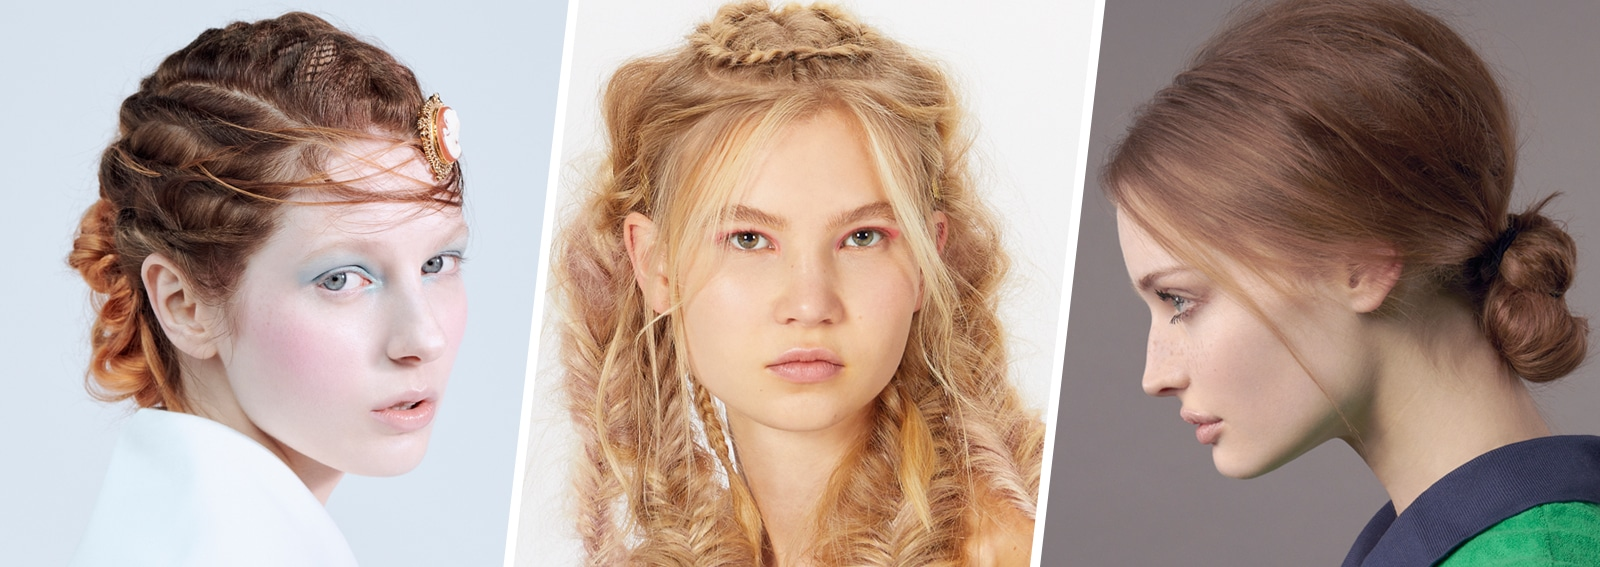 Acconciature per l'inverno: i look capelli più belli proposti dai Saloni